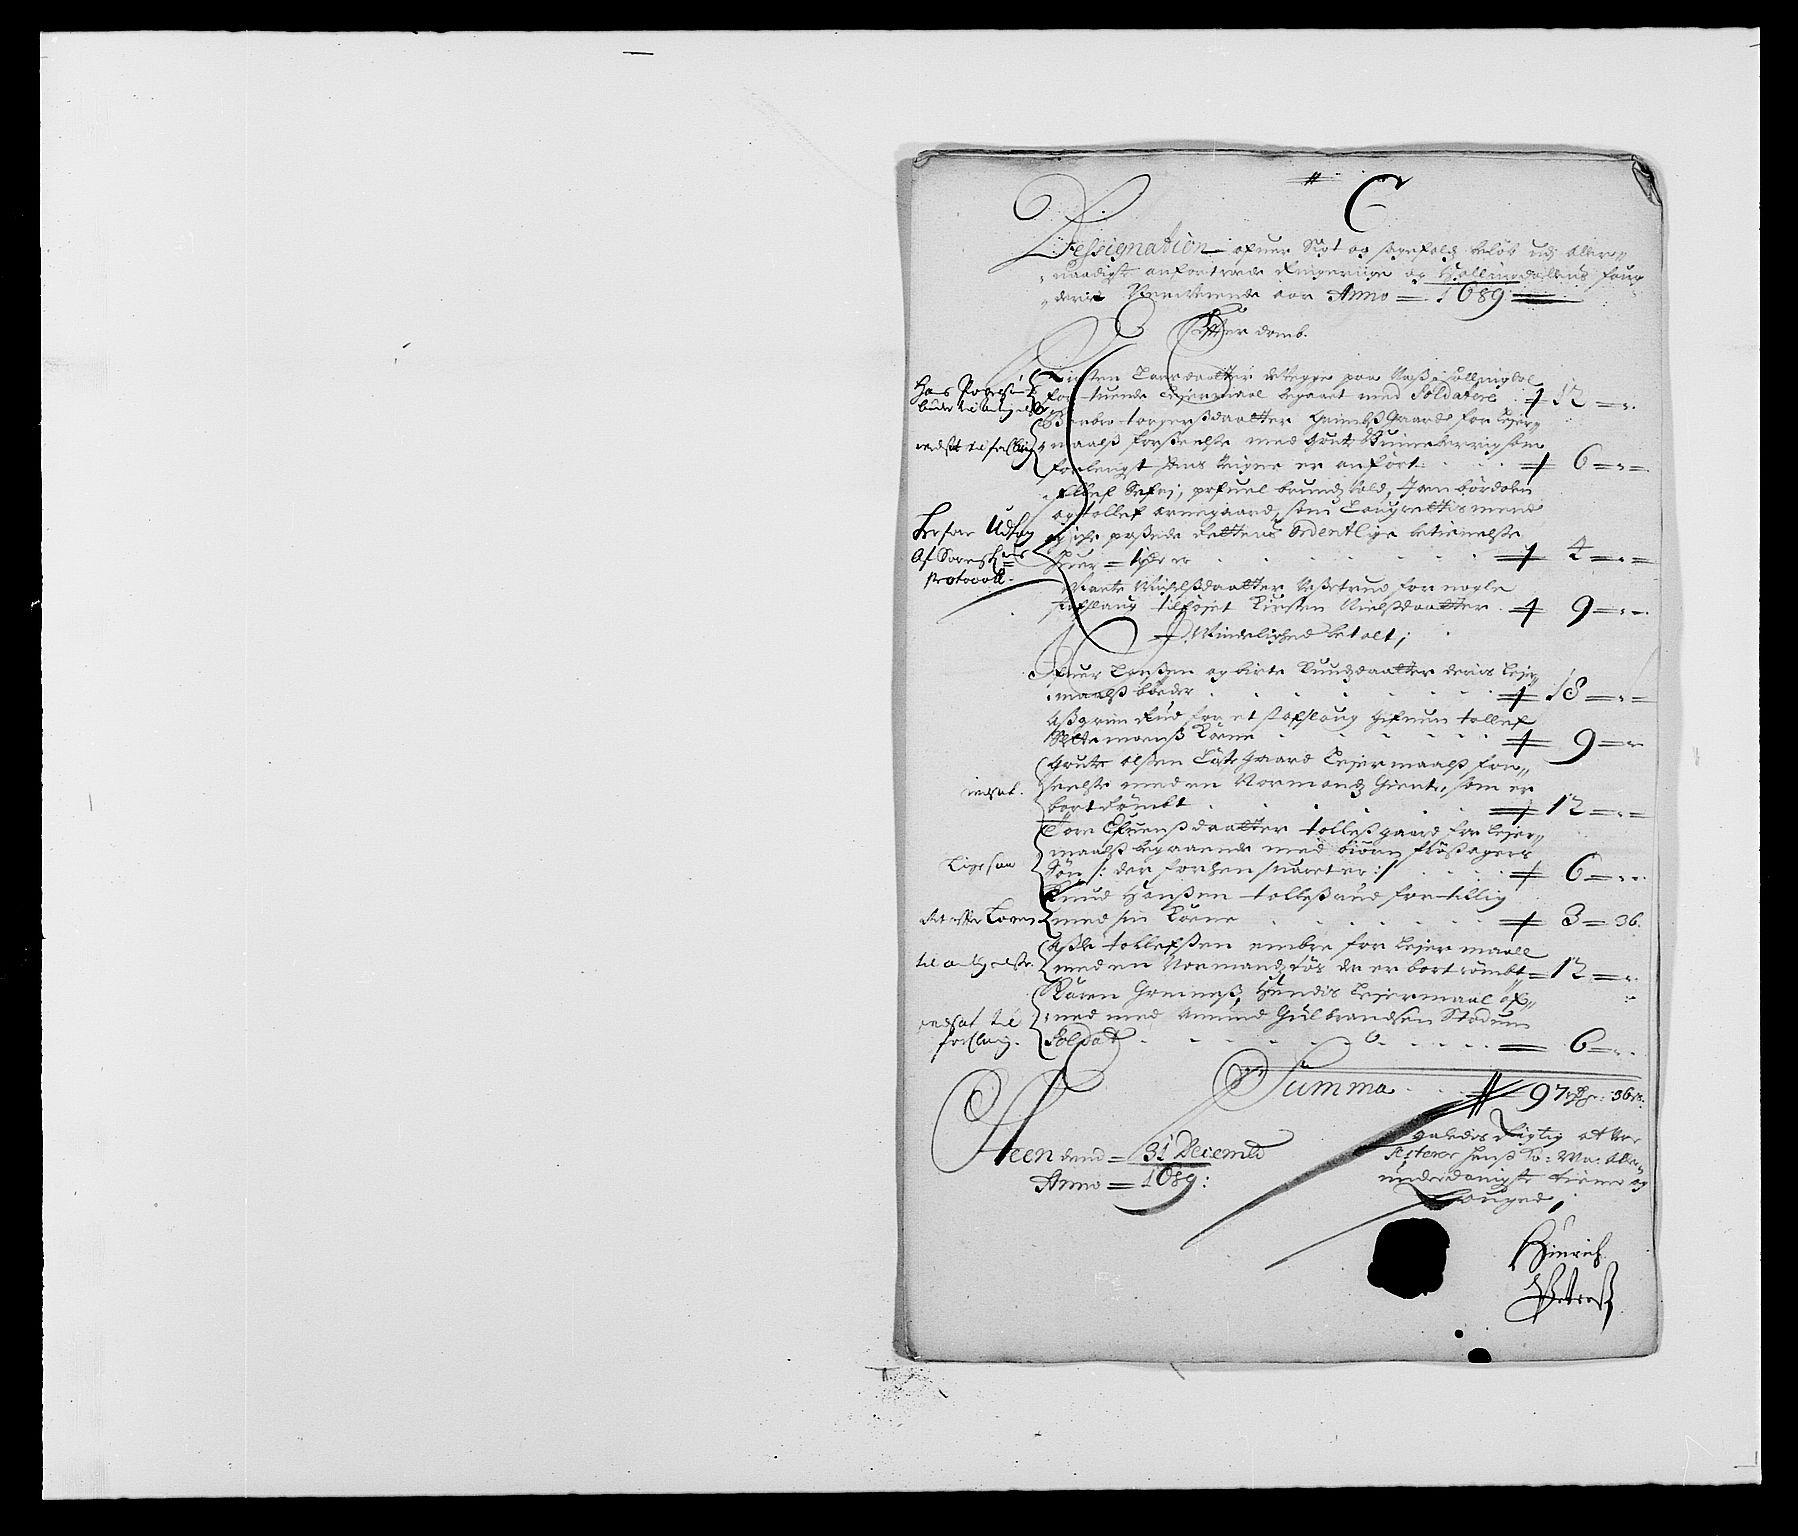 RA, Rentekammeret inntil 1814, Reviderte regnskaper, Fogderegnskap, R21/L1447: Fogderegnskap Ringerike og Hallingdal, 1687-1689, s. 300